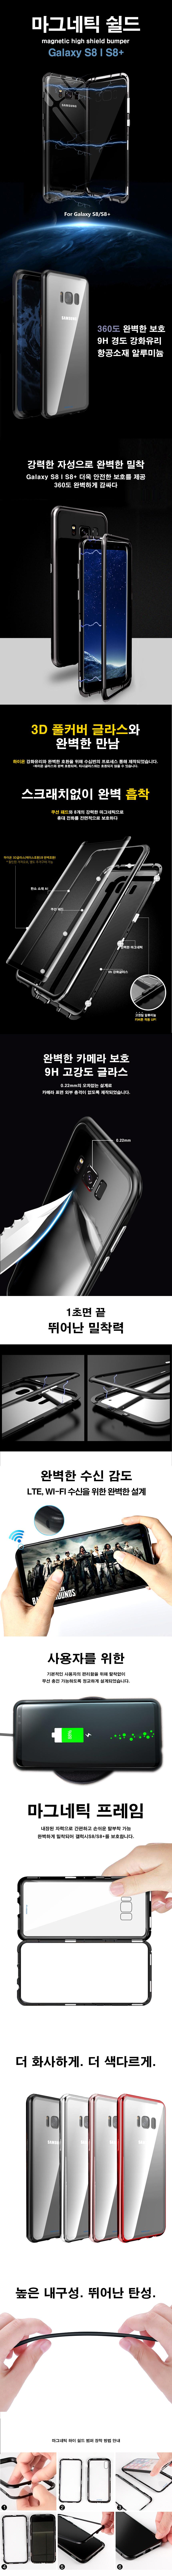 갤럭시S8플러스용 마그네틱 하이 쉴드 범퍼 케이스 - 하이온, 19,000원, 케이스, 기타 갤럭시 제품